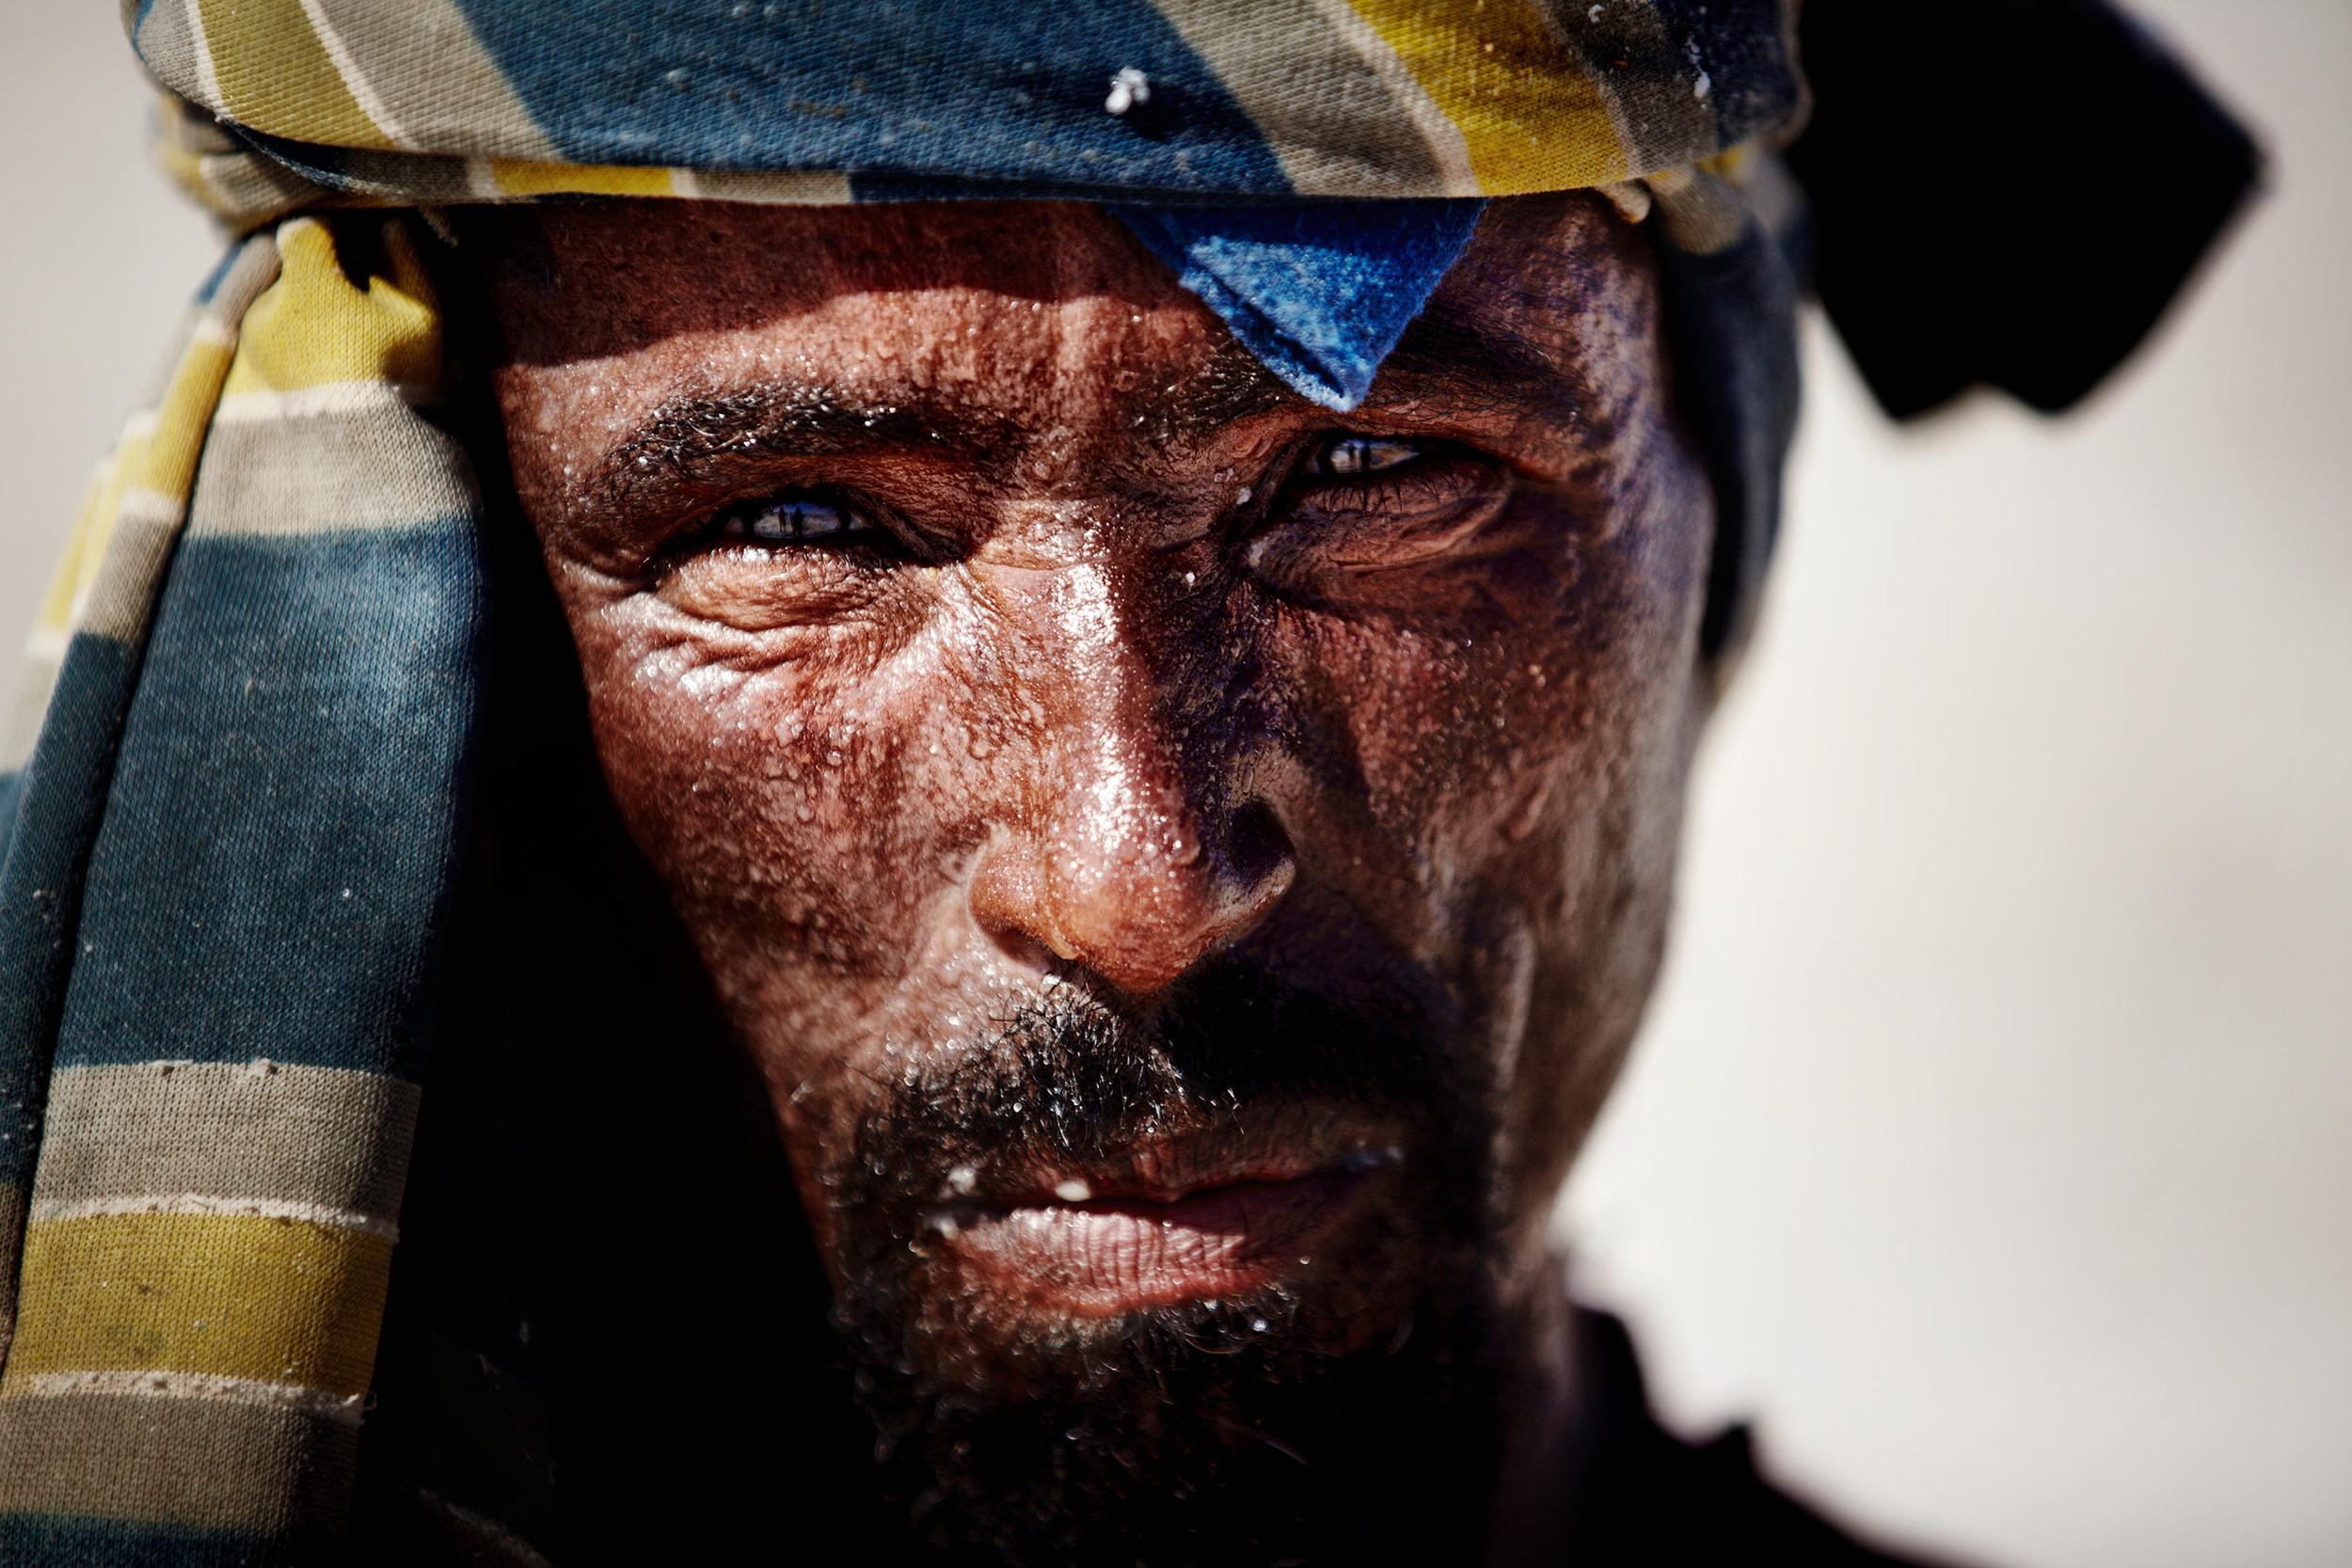 Salt-worker portrait in Danakil